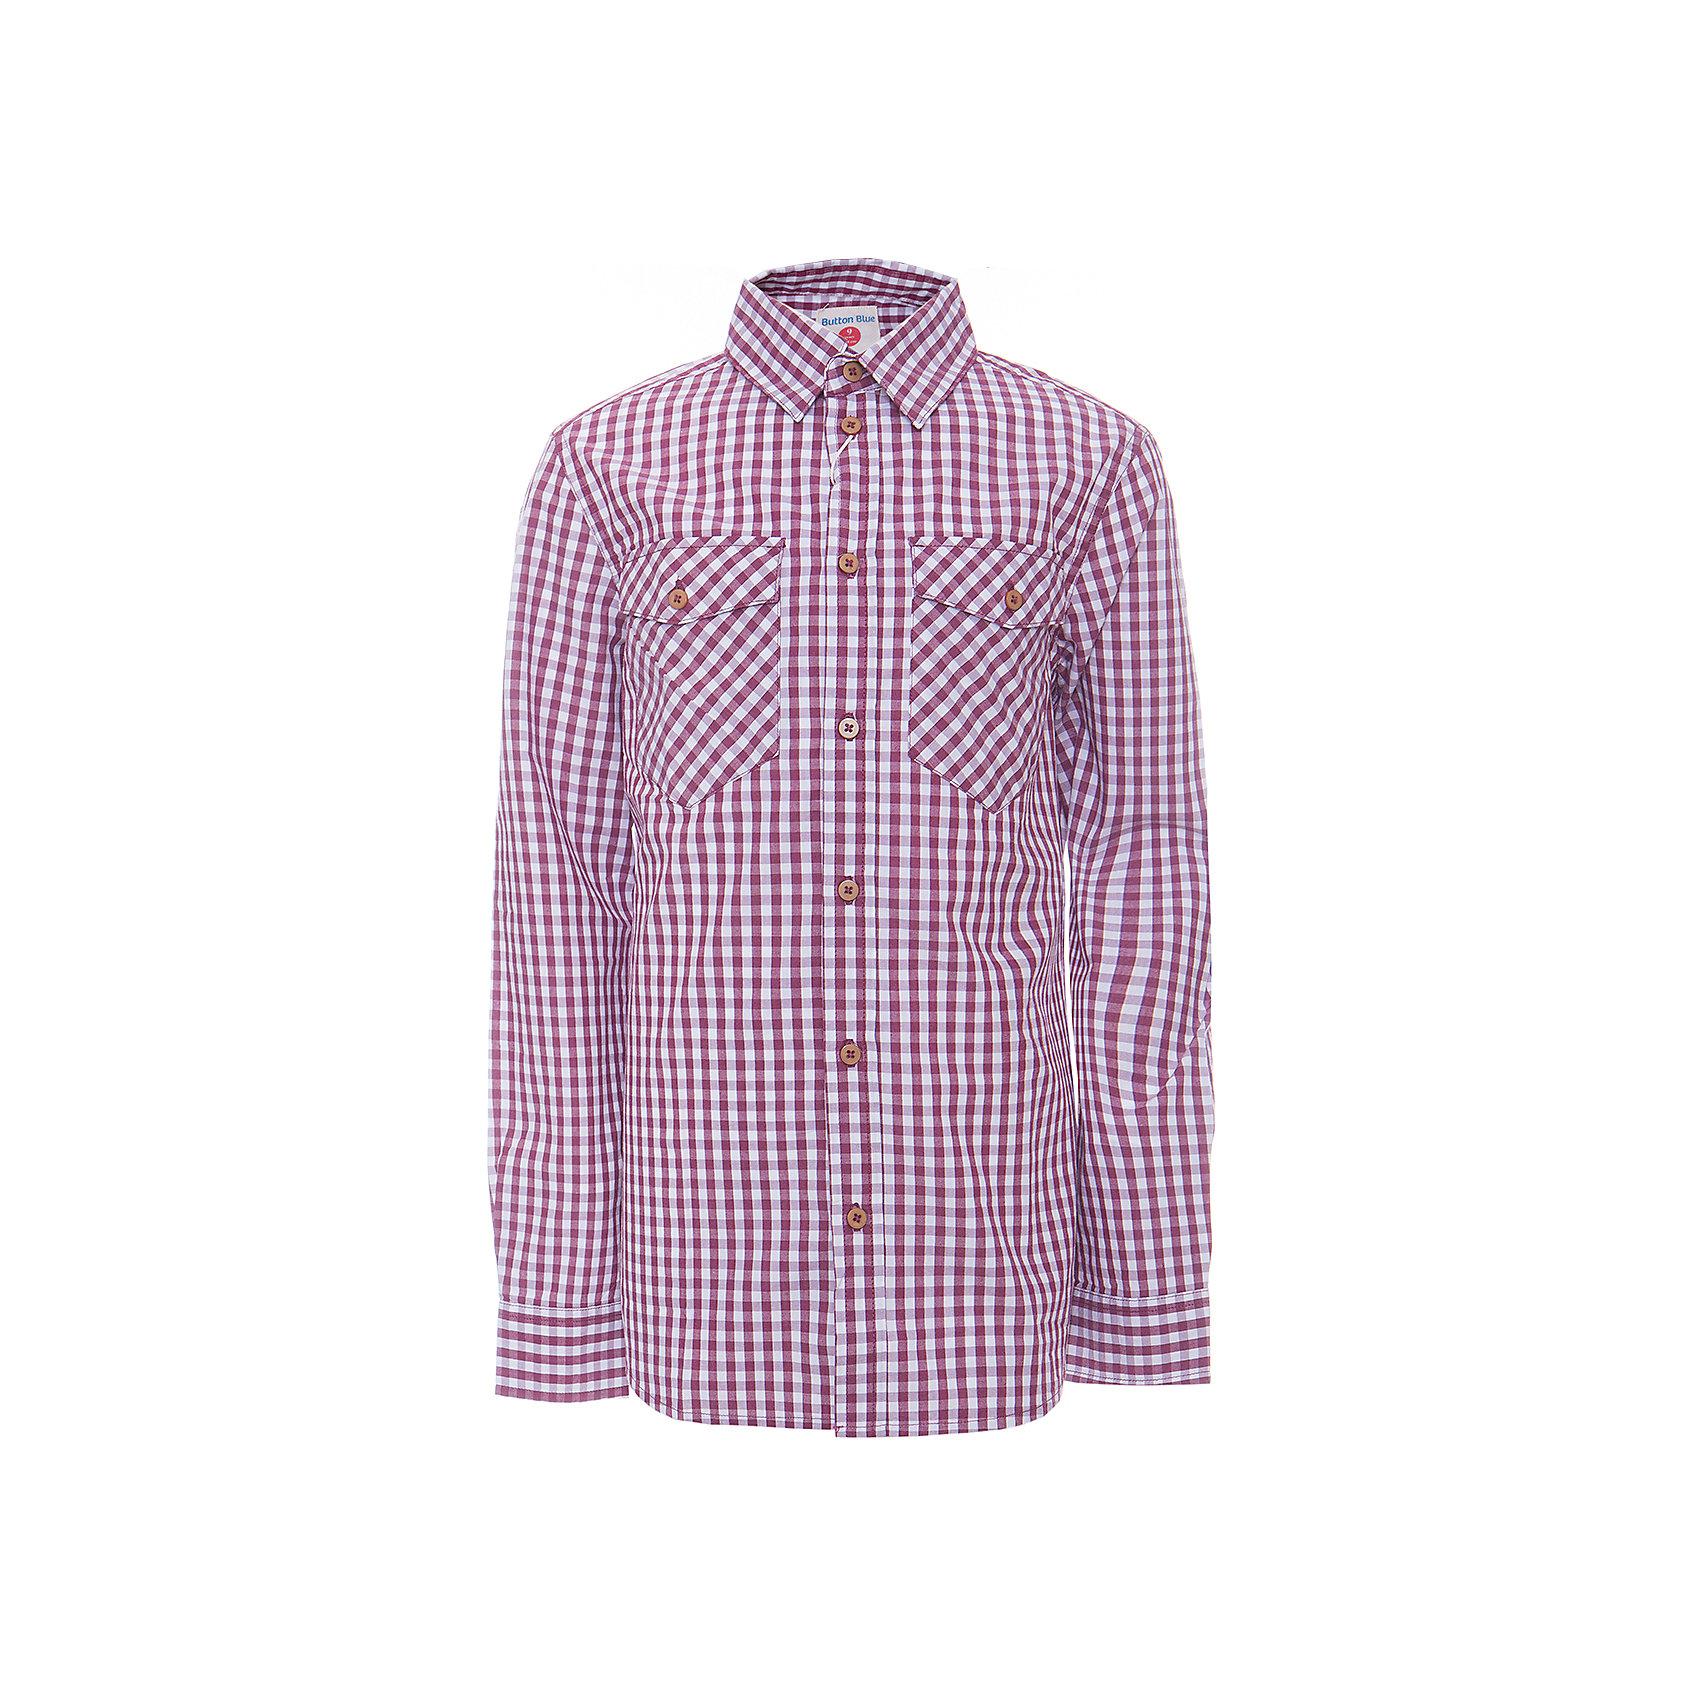 Рубашка для мальчика  BUTTON BLUEБлузки и рубашки<br>Рубашка для мальчика  BUTTON BLUE<br>Клетчатая рубашка - яркий акцент повседневного образа ребенка. Купить рубашку для мальчика стоит ранней весной, и сочетать ее с футболкой, толстовкой, джемпером, создавая модные многослойные решения. И для лета яркая рубашка в клетку из 100% хлопка - отличный вариант. С брюками, шортами, джинсами она будет выглядеть свежо и стильно!<br>Состав:<br>100%  хлопок<br><br>Ширина мм: 174<br>Глубина мм: 10<br>Высота мм: 169<br>Вес г: 157<br>Цвет: красный<br>Возраст от месяцев: 144<br>Возраст до месяцев: 156<br>Пол: Мужской<br>Возраст: Детский<br>Размер: 158,98,104,110,116,122,128,134,140,146,152<br>SKU: 5524452